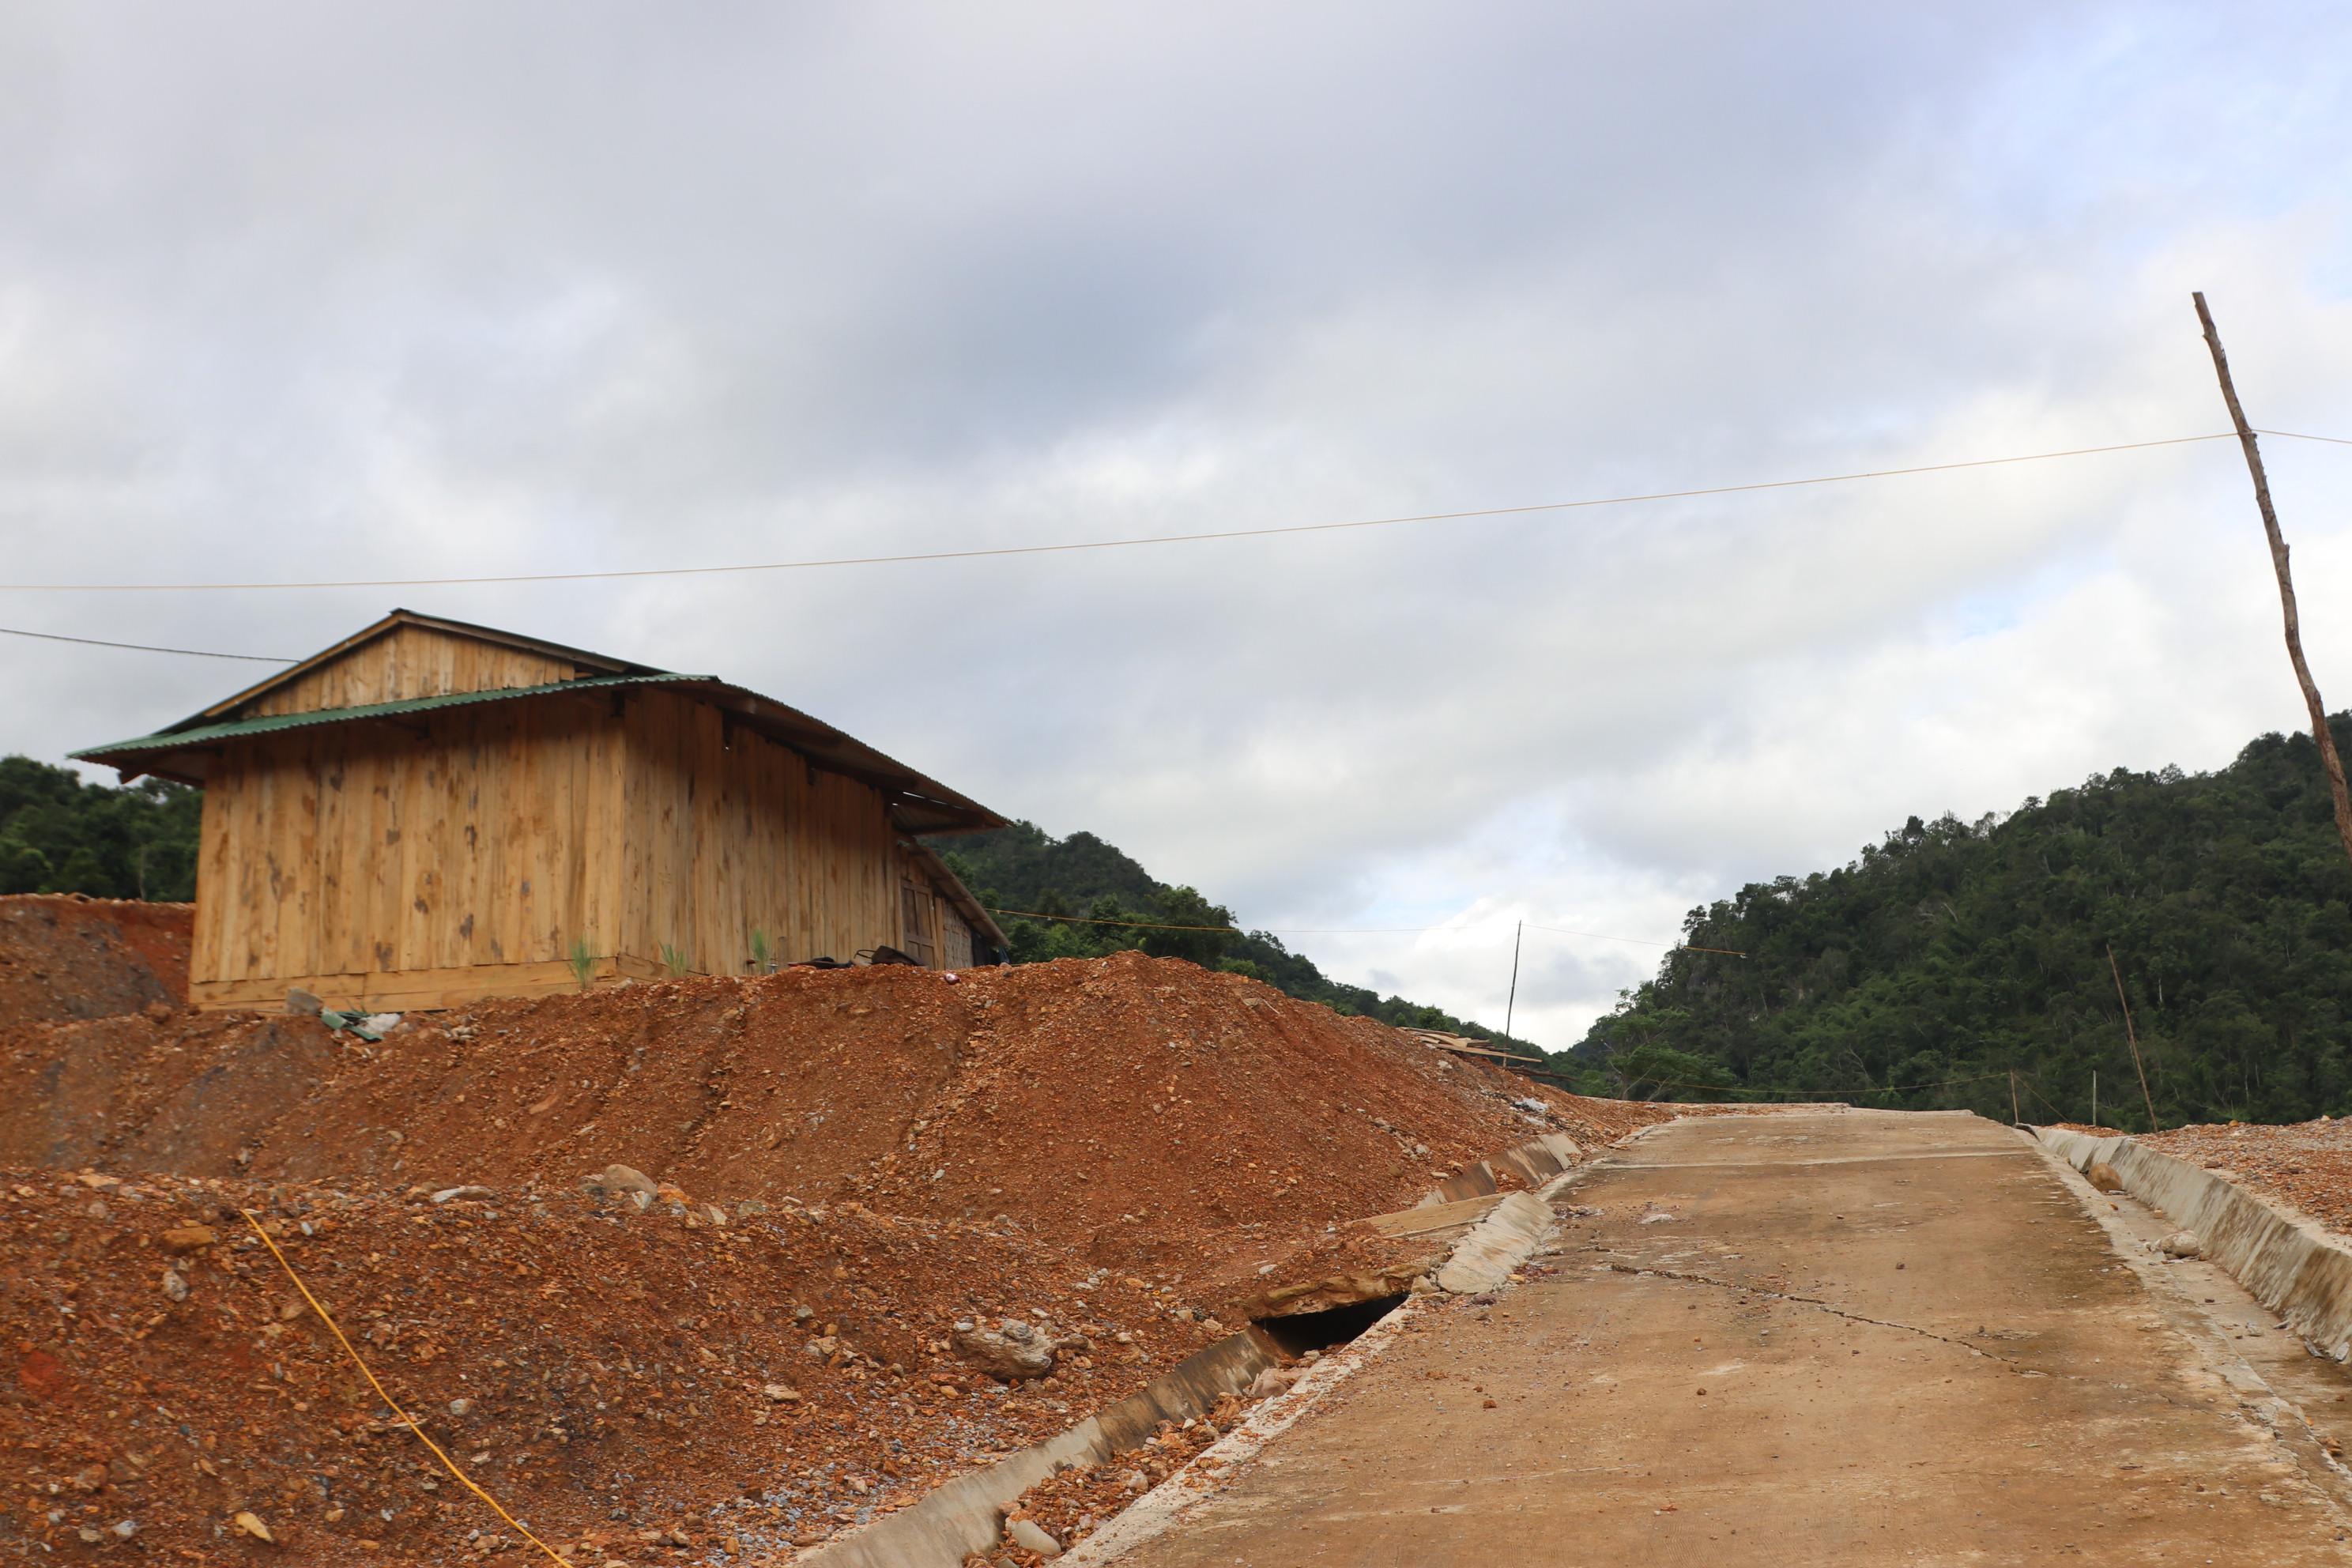 Mặt bằng di dời 30 hộ dân nằm trong vùng nguy cơ sạt lở thuộc bản Si Văn, xã Pa Thơm, huyện Điện Biên triển khai đã 3 năm vẫn chưa hoàn thành